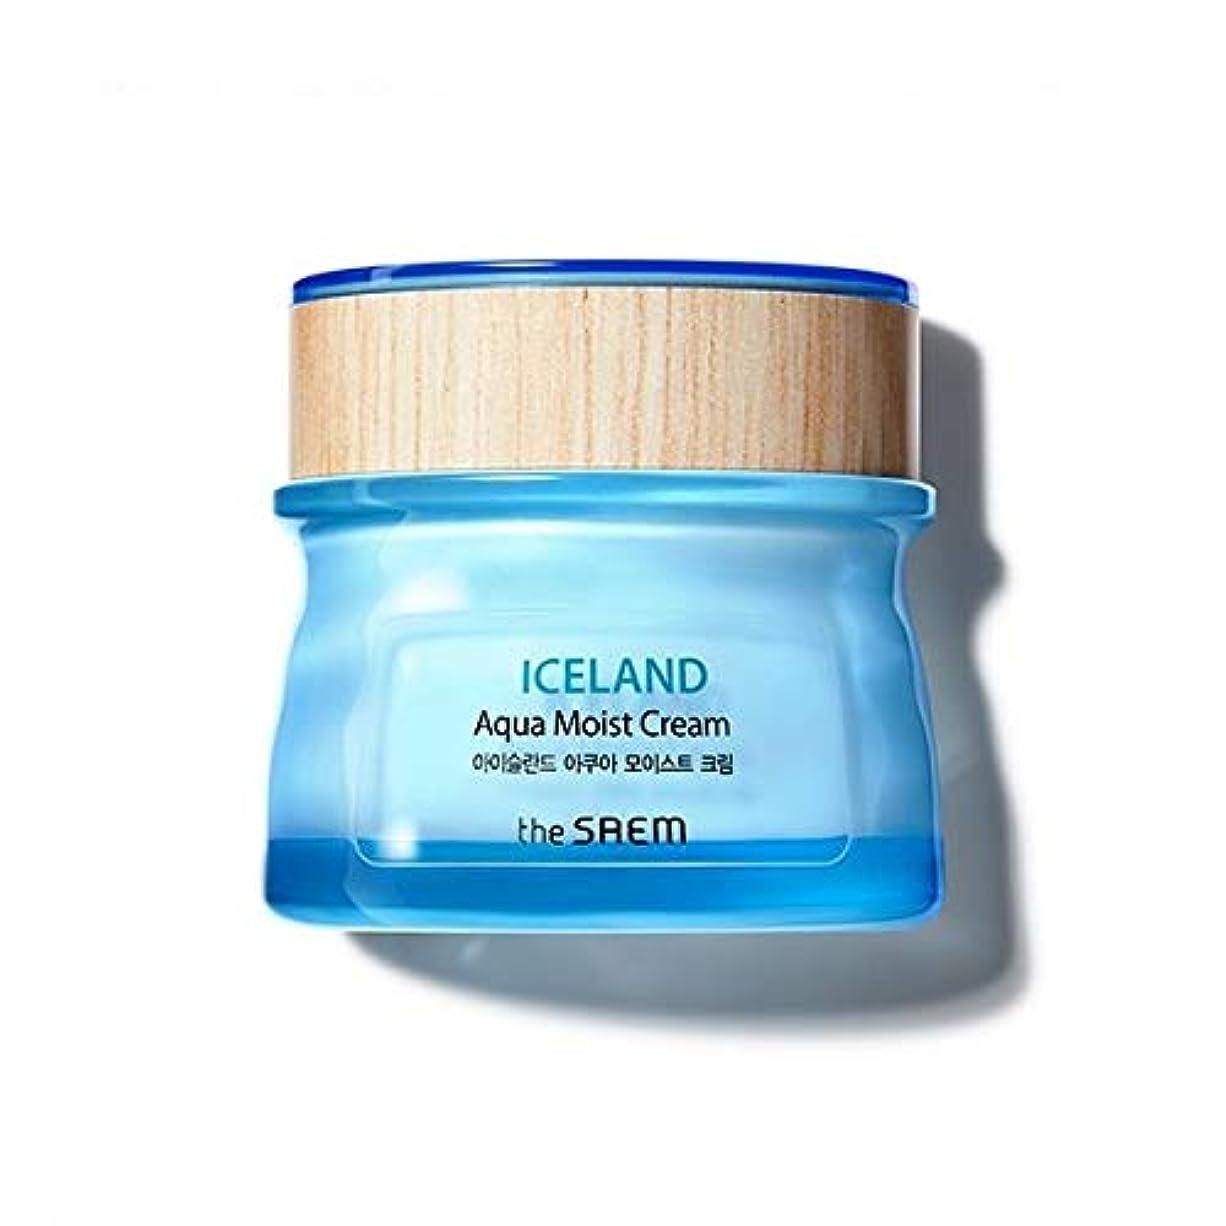 恥ずかしさ保険をかけるラベルThe saem Iceland Apua Moist Cream ザセム アイスランド アクア モイスト クリーム 60ml [並行輸入品]